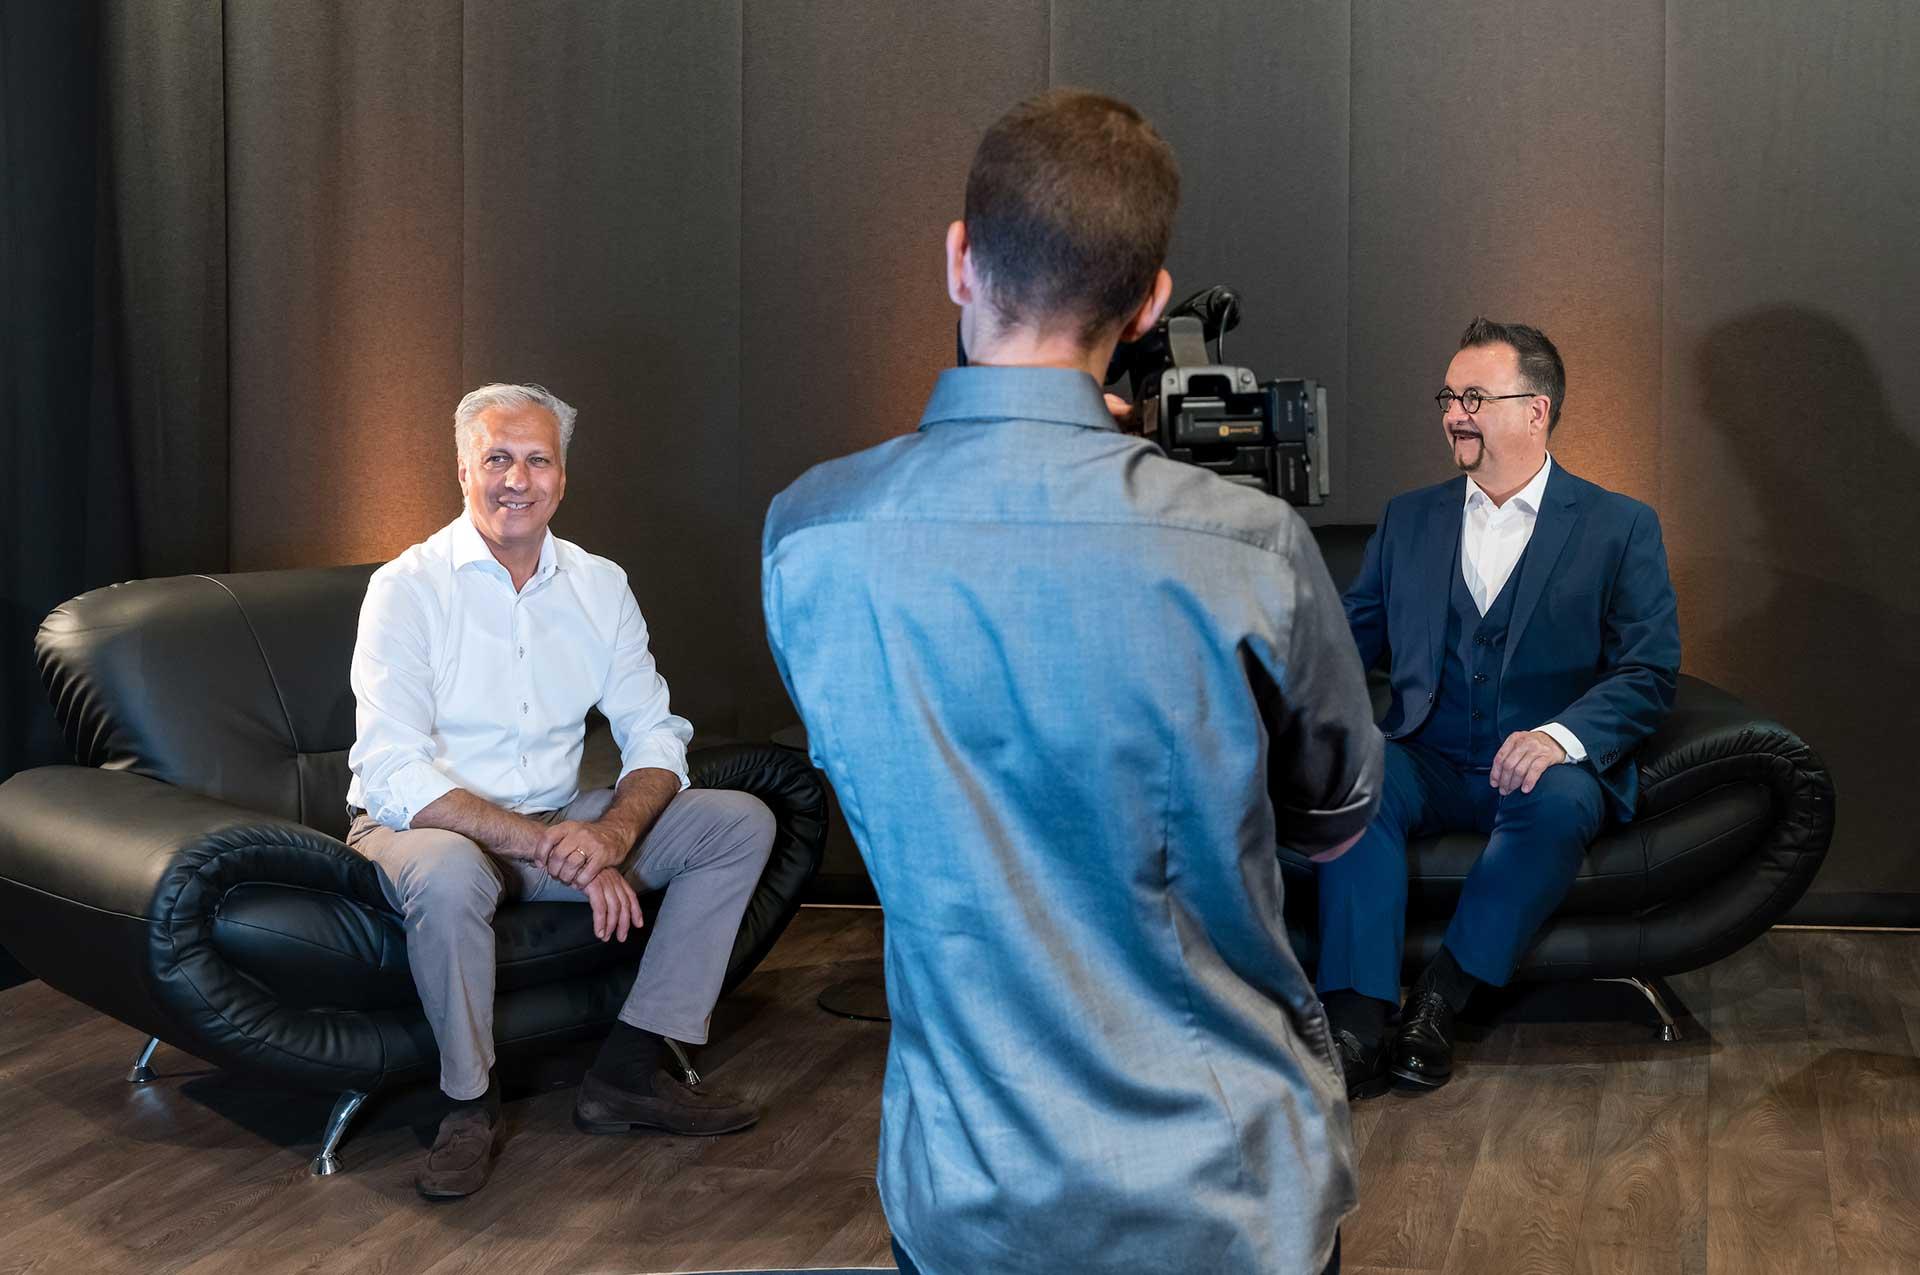 Streamen Sie Ihr Event | Videokonferenz Studio Frankfurt